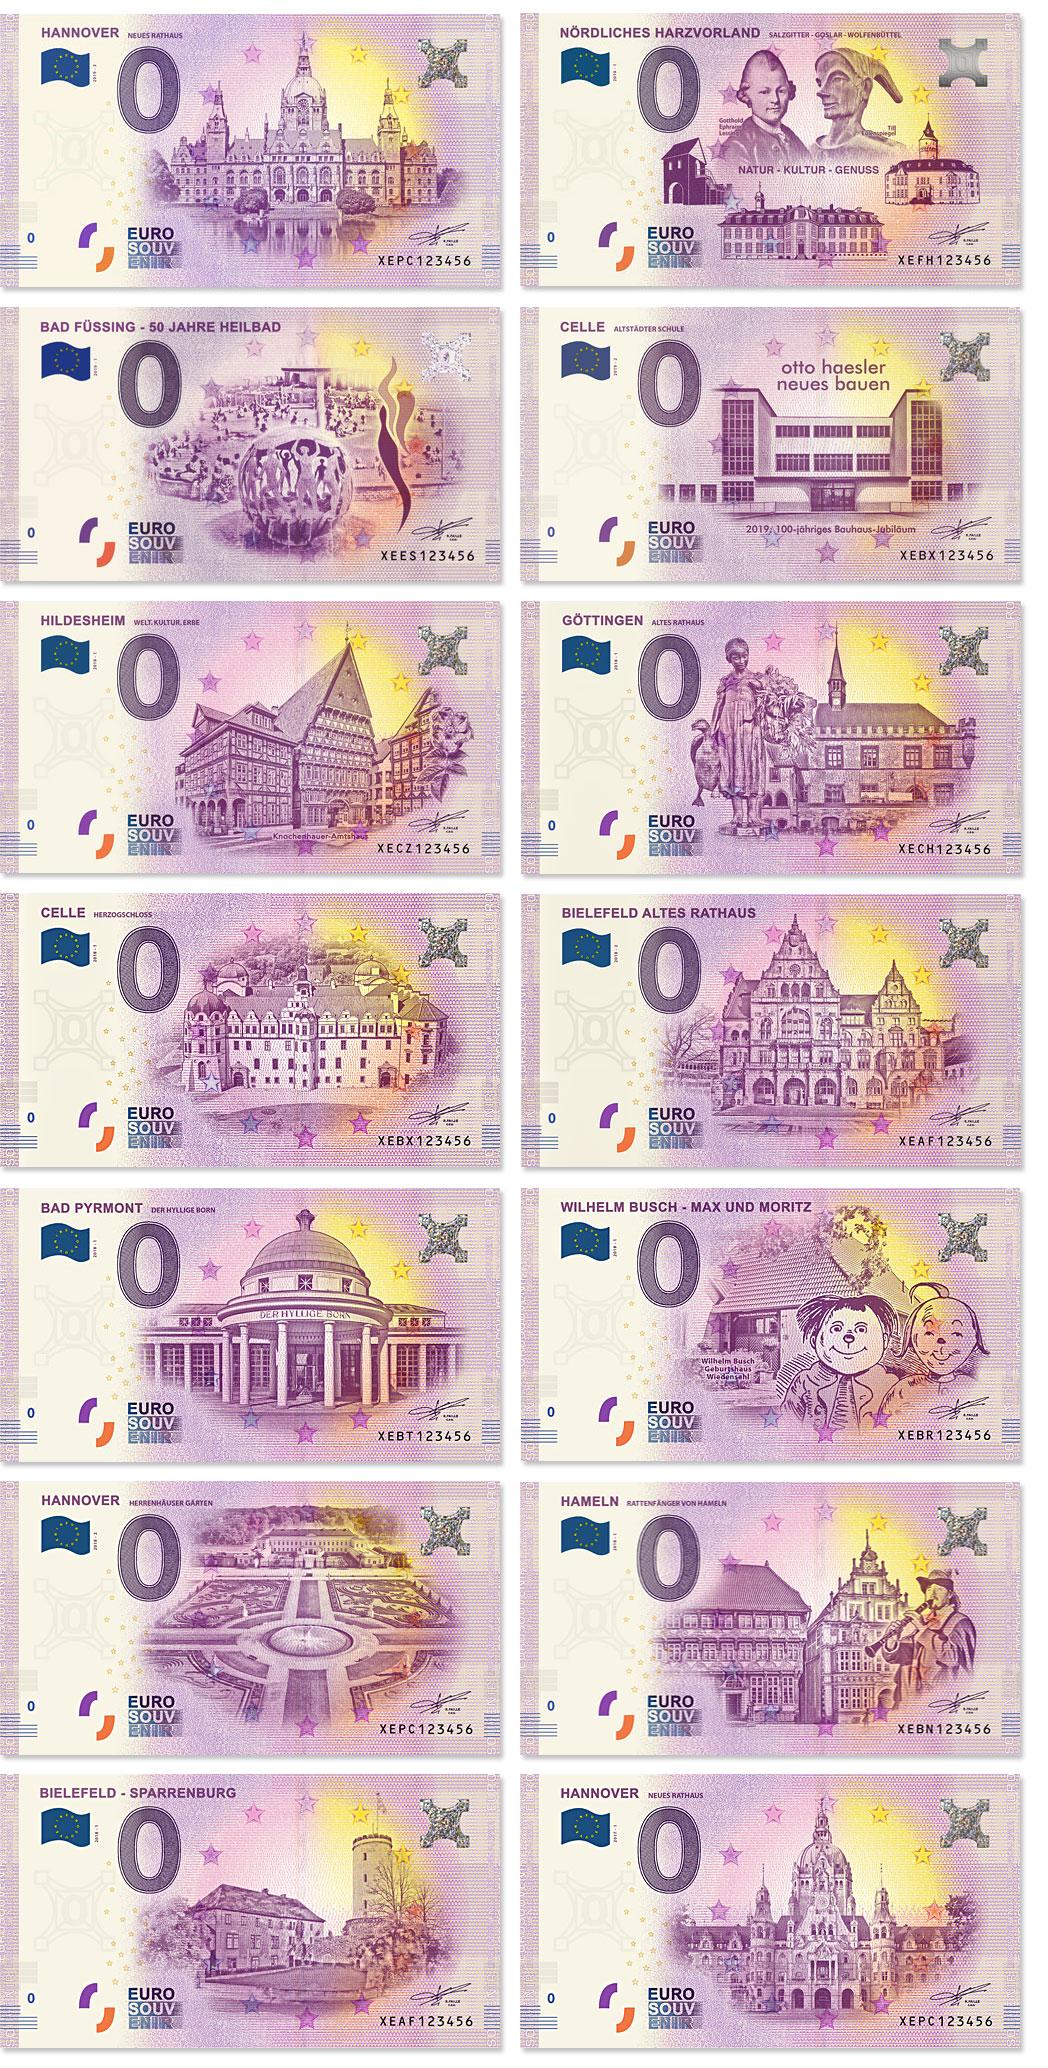 0-Euro-Schein-Hannover-Nordliches-Harzvorland-Celle-Hildesheim-Goettingen-Bielefeld-Bad-Pyrmont-Max-Moritz-Hameln